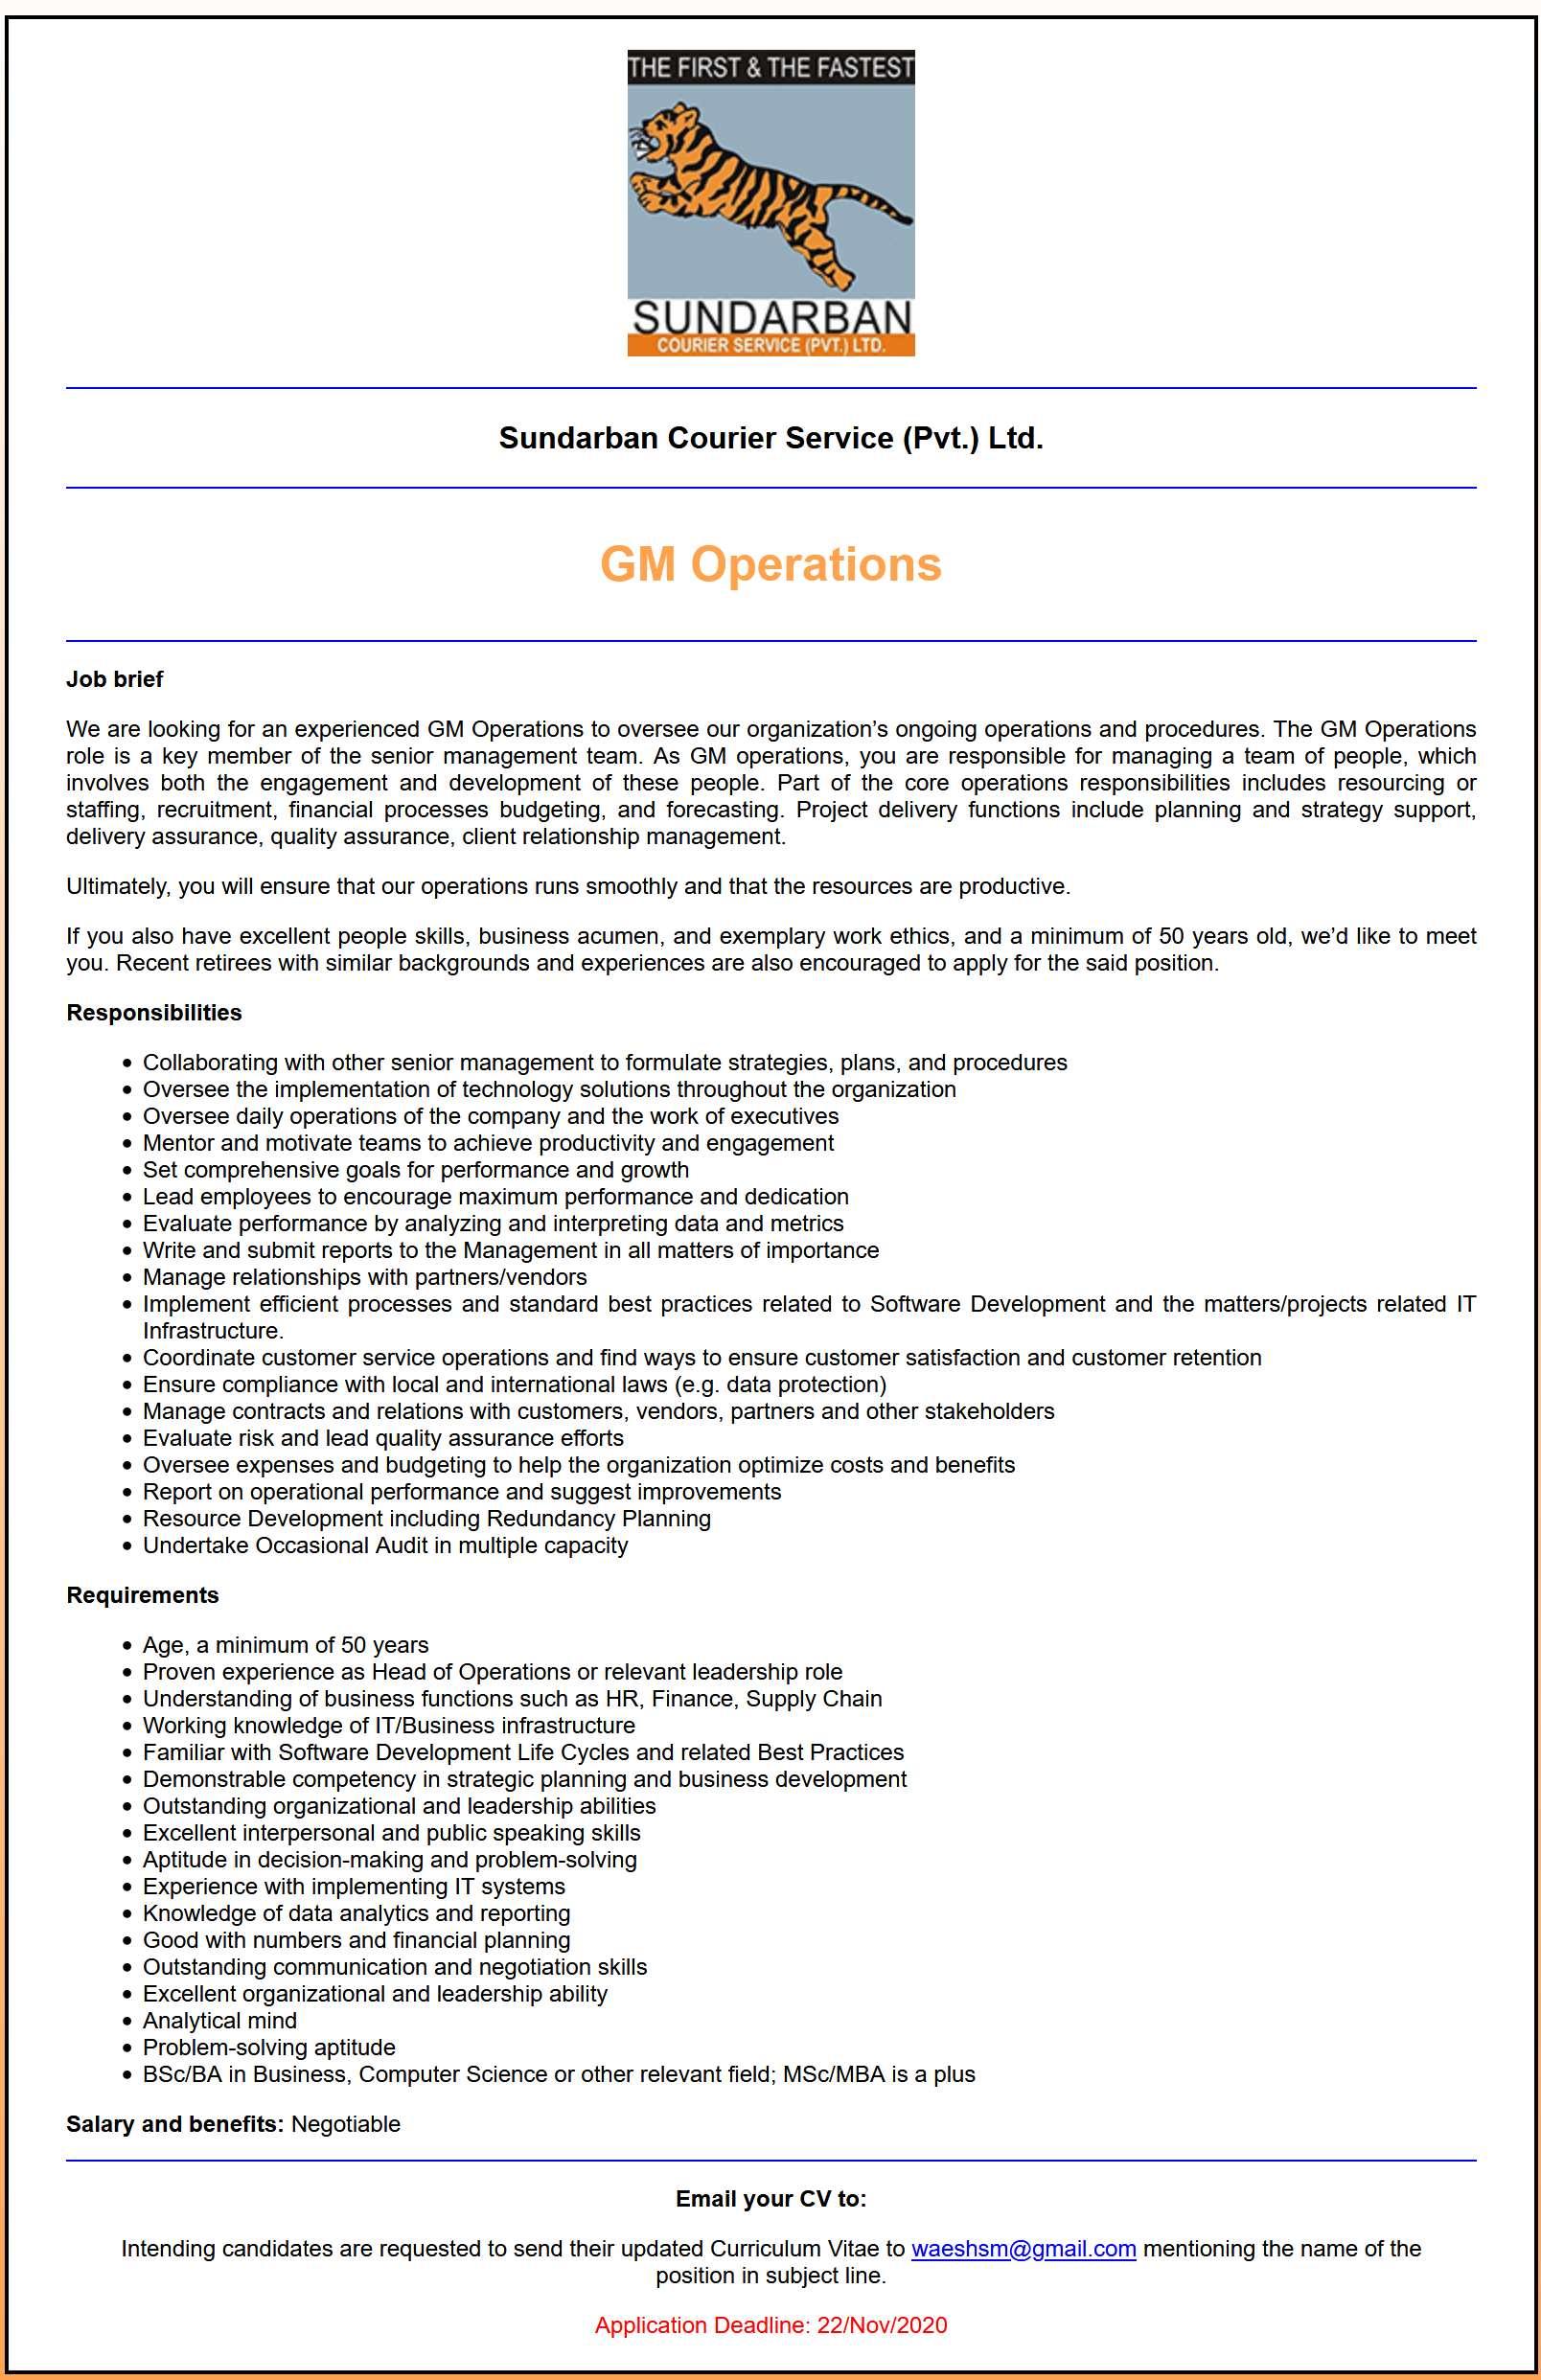 Sundarban Courier Service Job Circular 2021